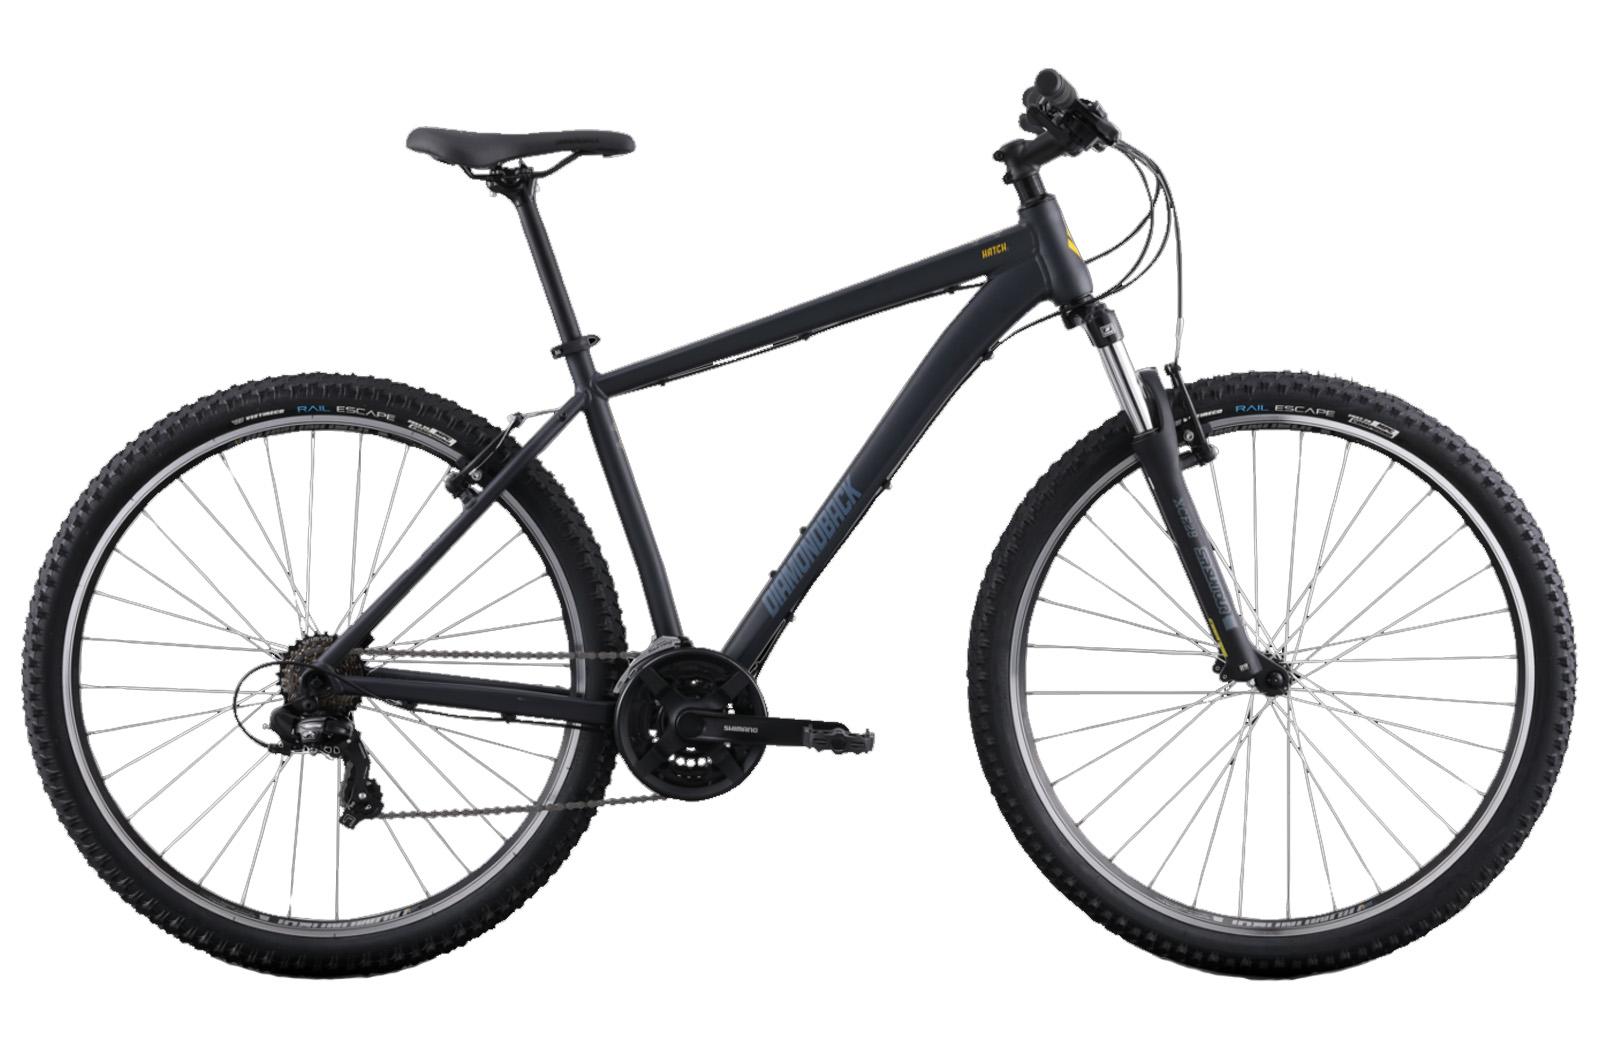 Jetzt erhältlich: Diamondback Hatch 1 Mountainbike & SILCA HX-One Toolkit